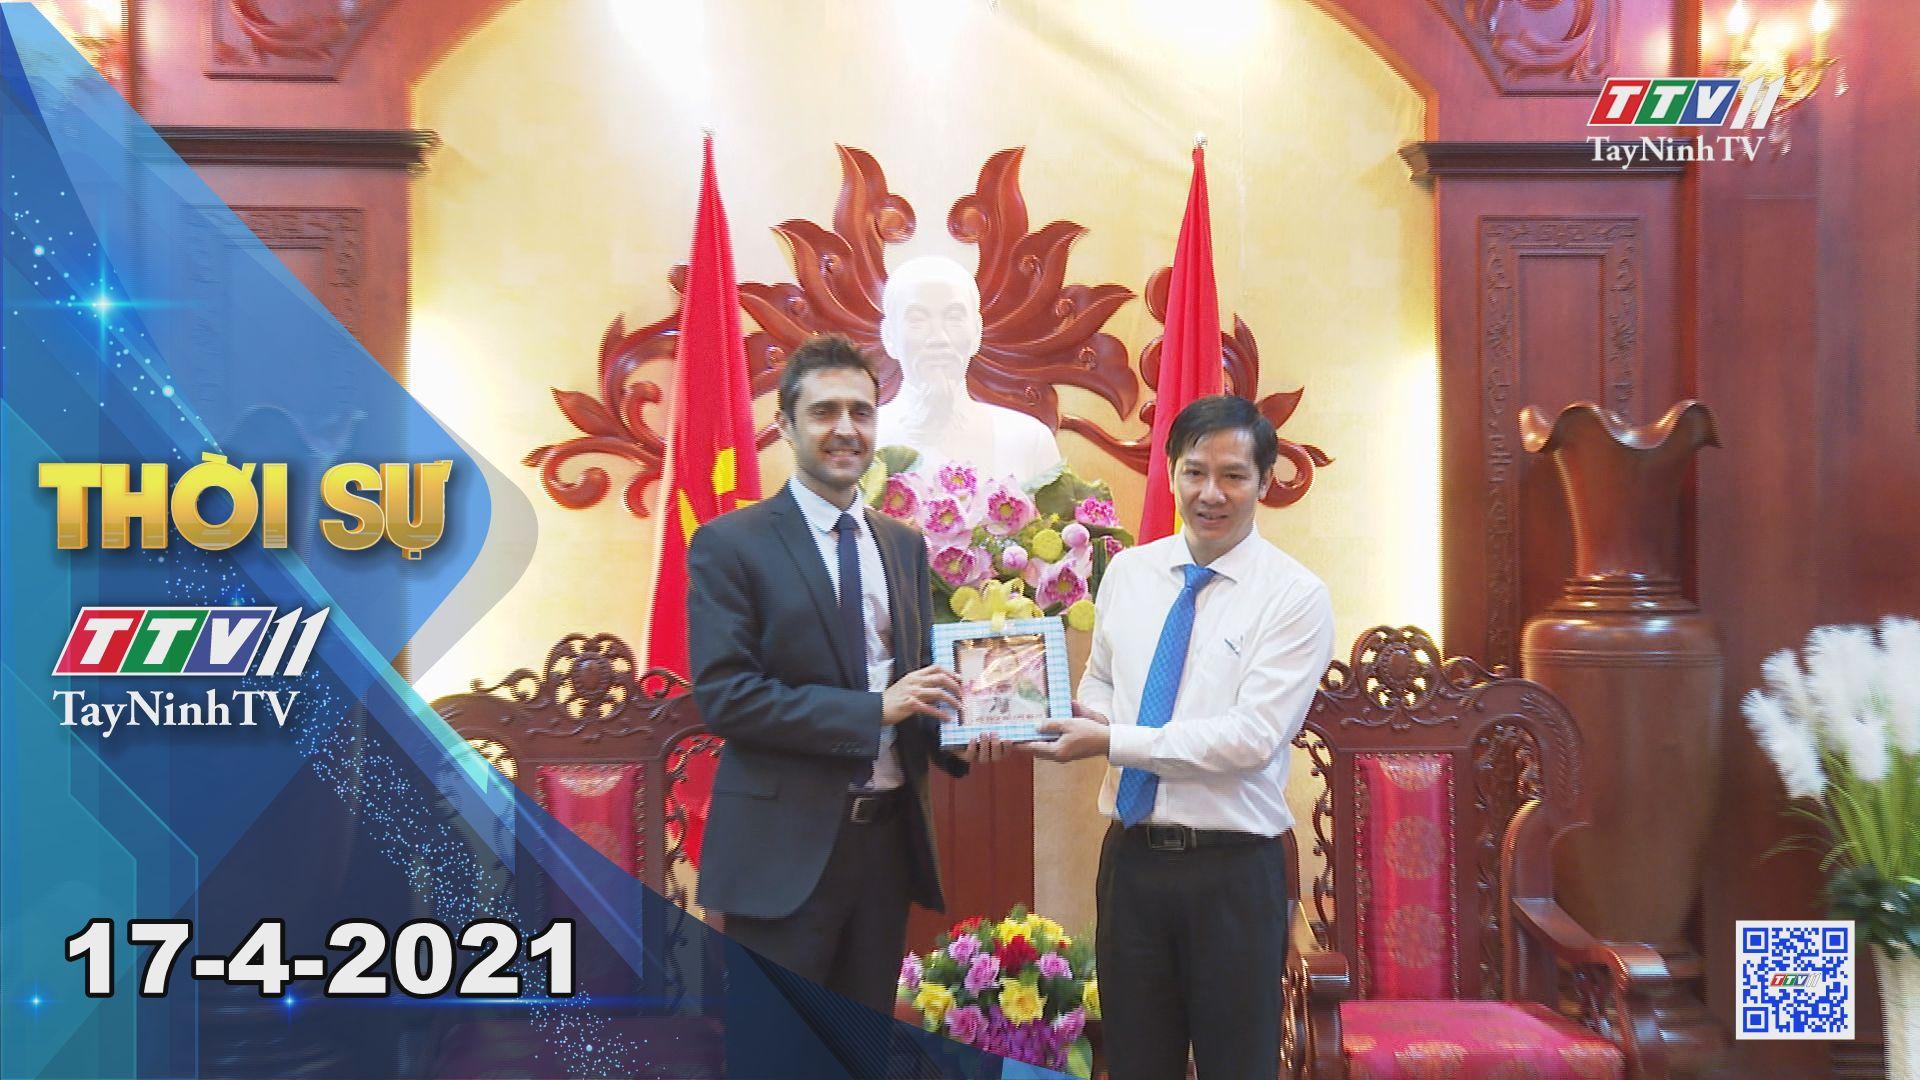 Thời sự Tây Ninh 17-4-2021 | Tin tức hôm nay | TayNinhTV